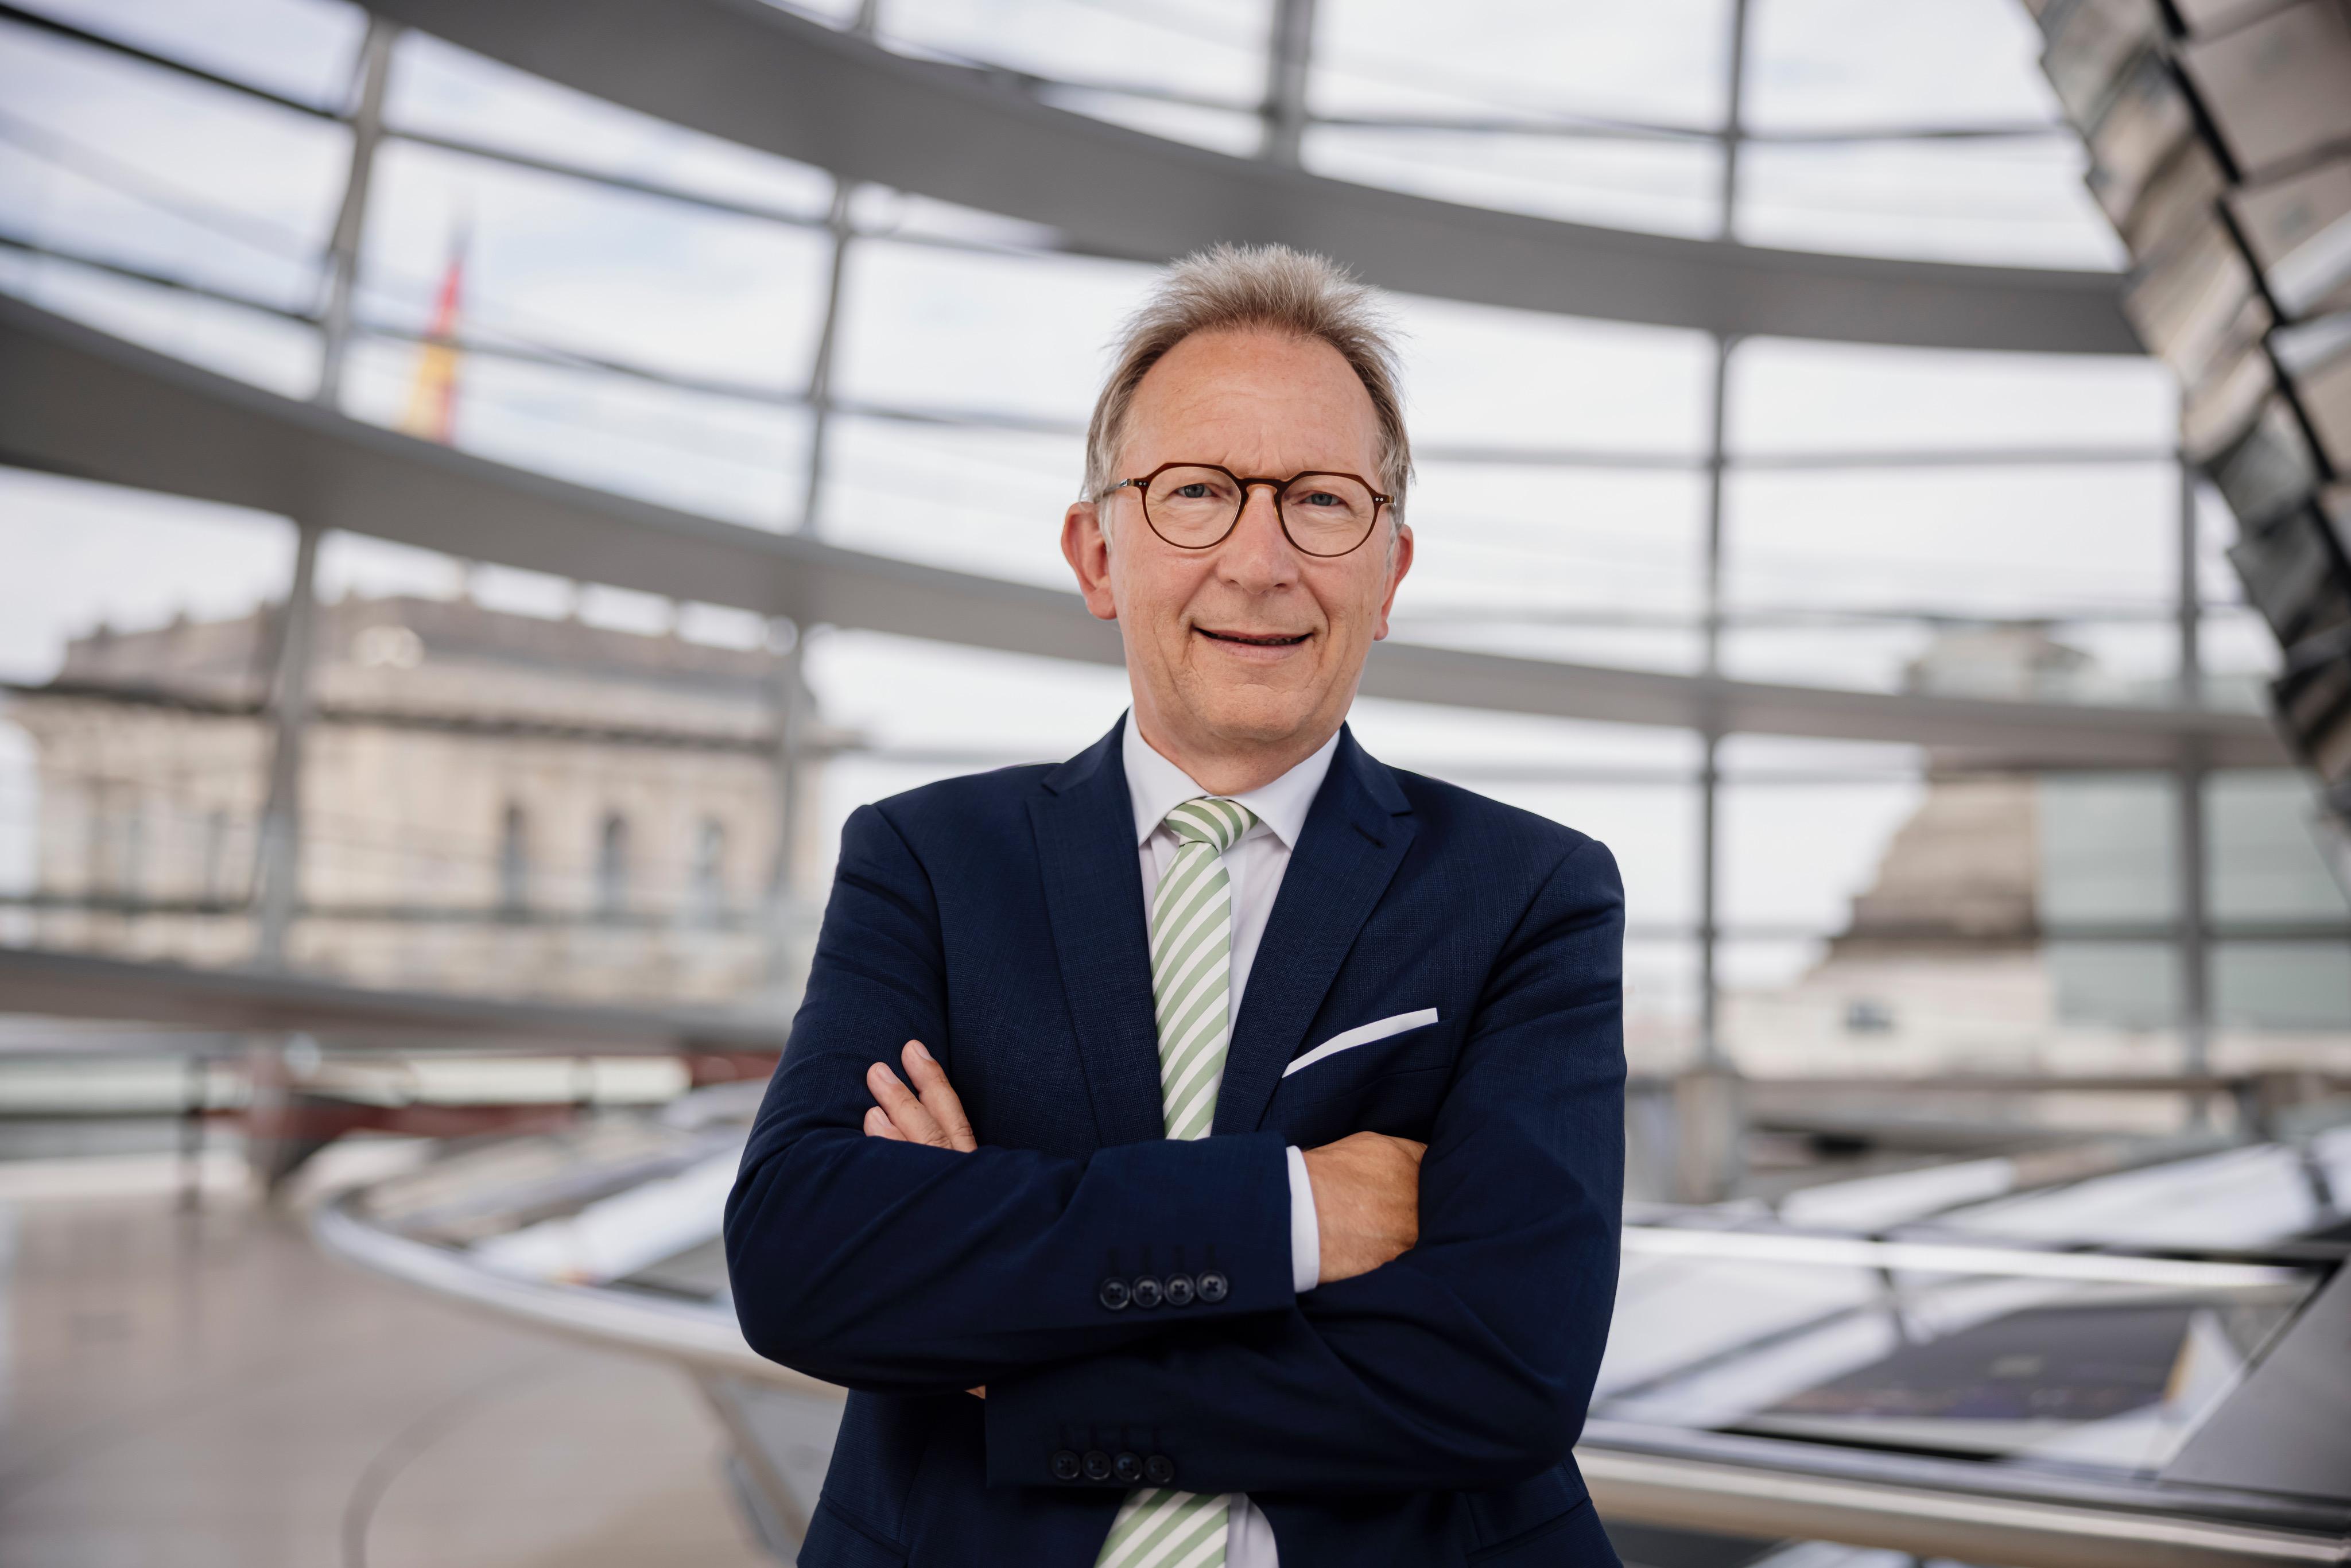 """Bundestagskandidat Rüddel (CDU): """"Brauchen nach Pandemie Politik mit Mut"""""""